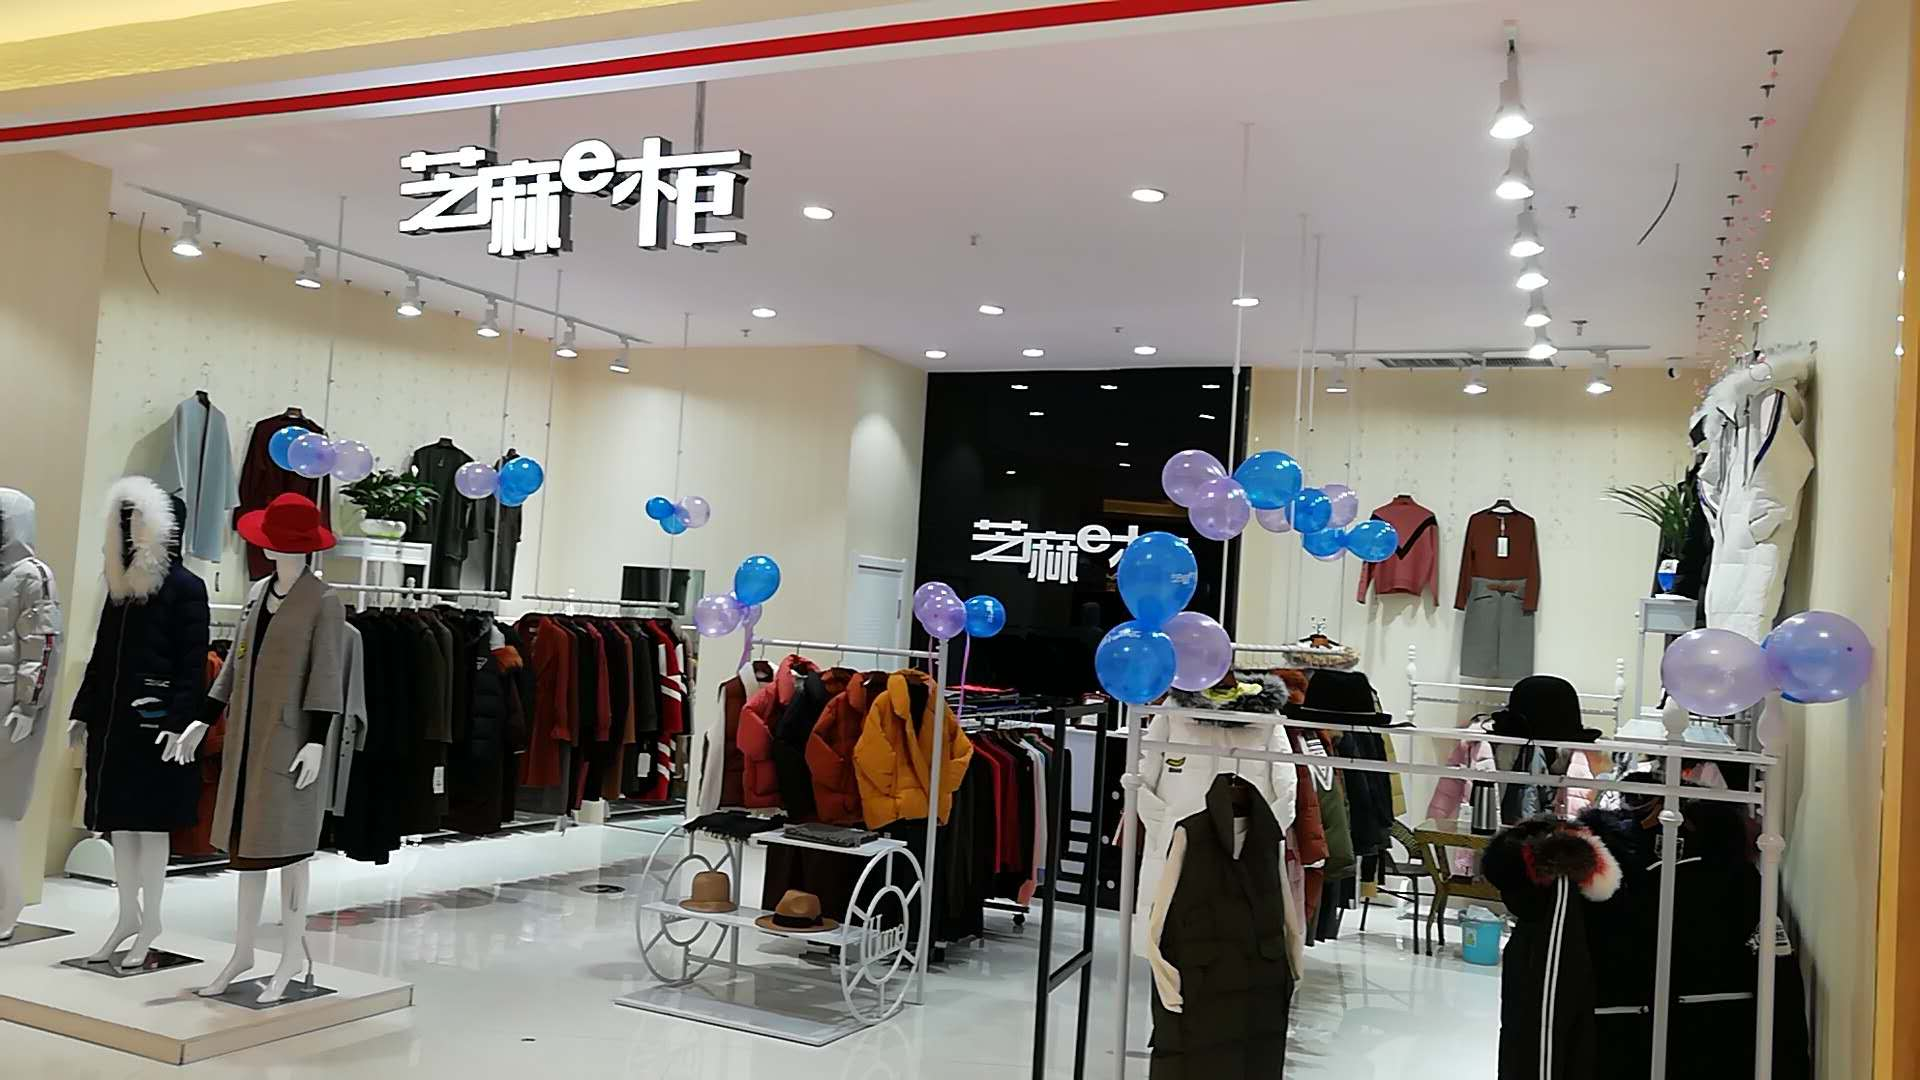 格蕾斯芝麻e柜女裝免費鋪貨、報裝修、保姆式輔導開店